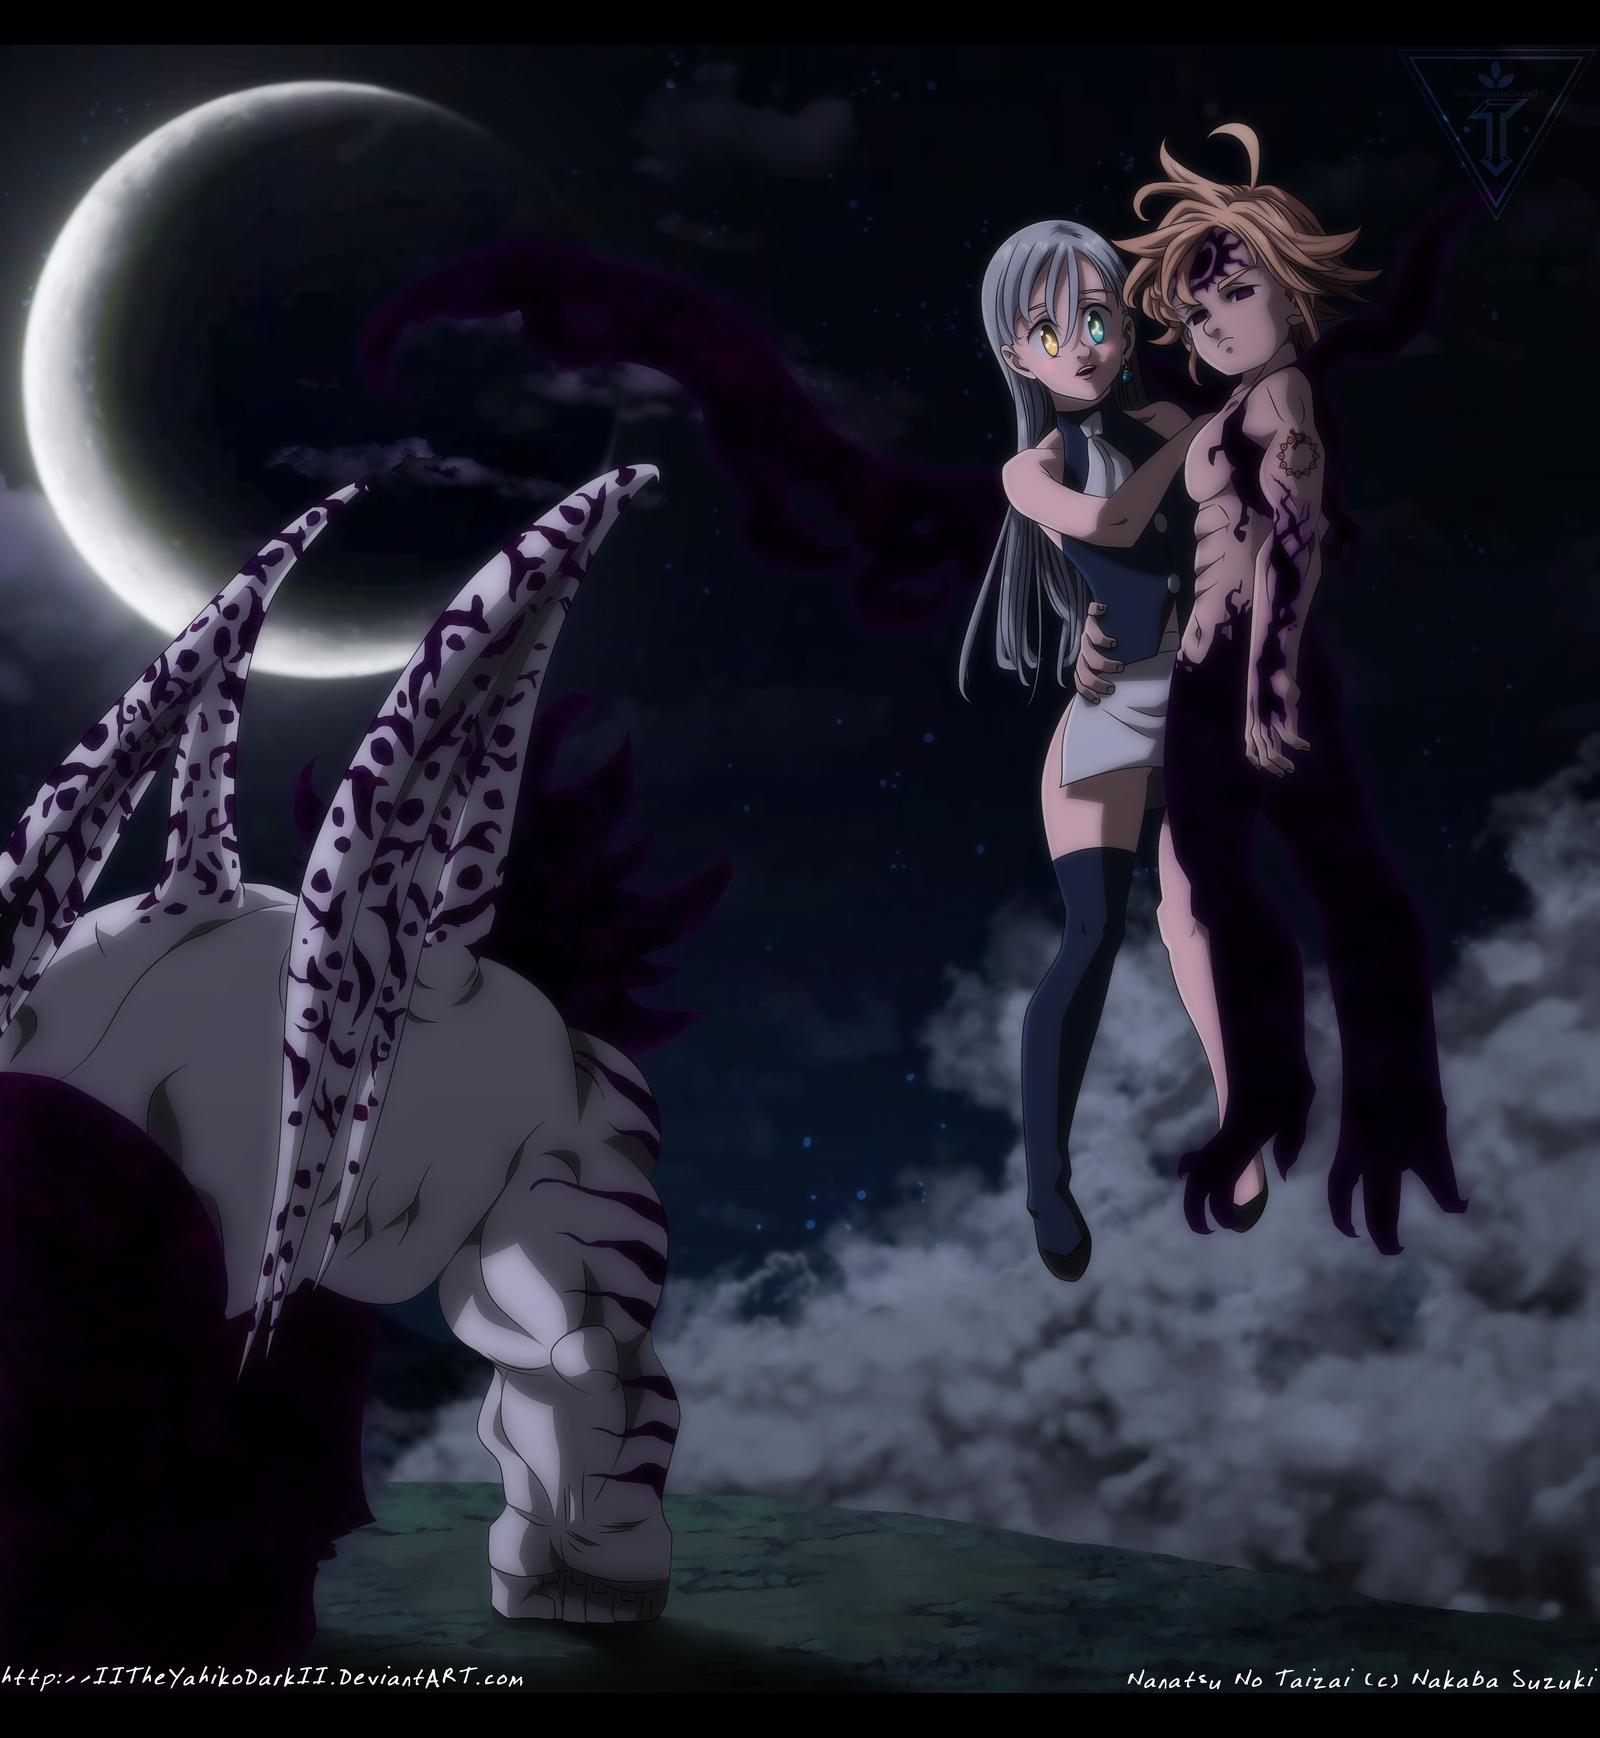 Nanatsu No Taizai Elizabeth Demon - Nanatsu No Taizai 242 The Resurgence Of The Demon by ...